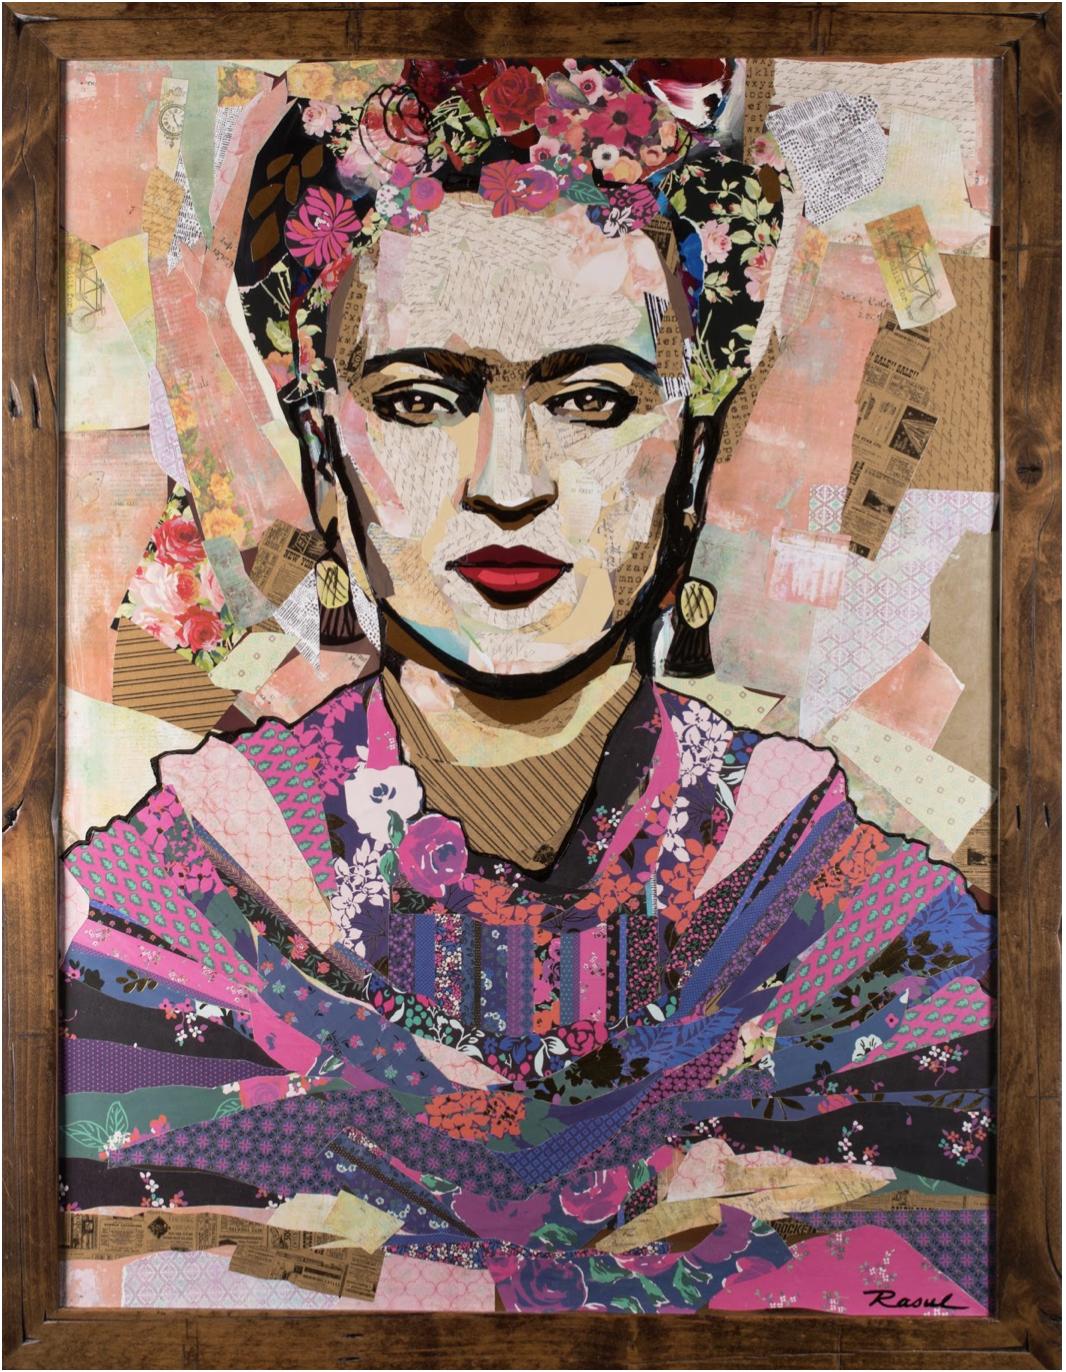 SOLD AT ART Santa Fe - Sold on night 3 of Art Santa Fe 2019 - Contemporary Art Show